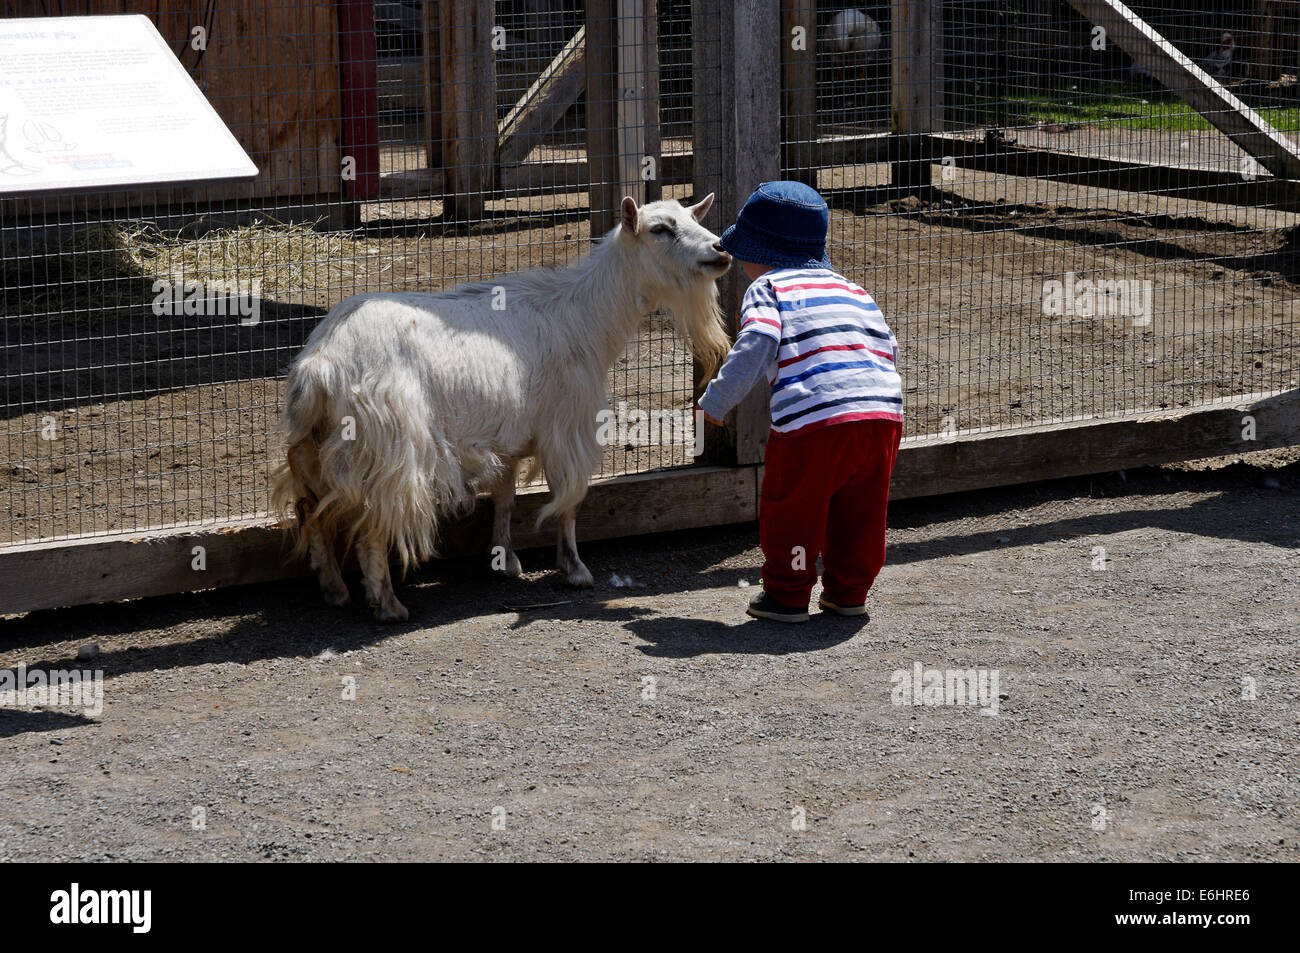 Un chico hablando a una cabra en una granja de acariciar Imagen De Stock